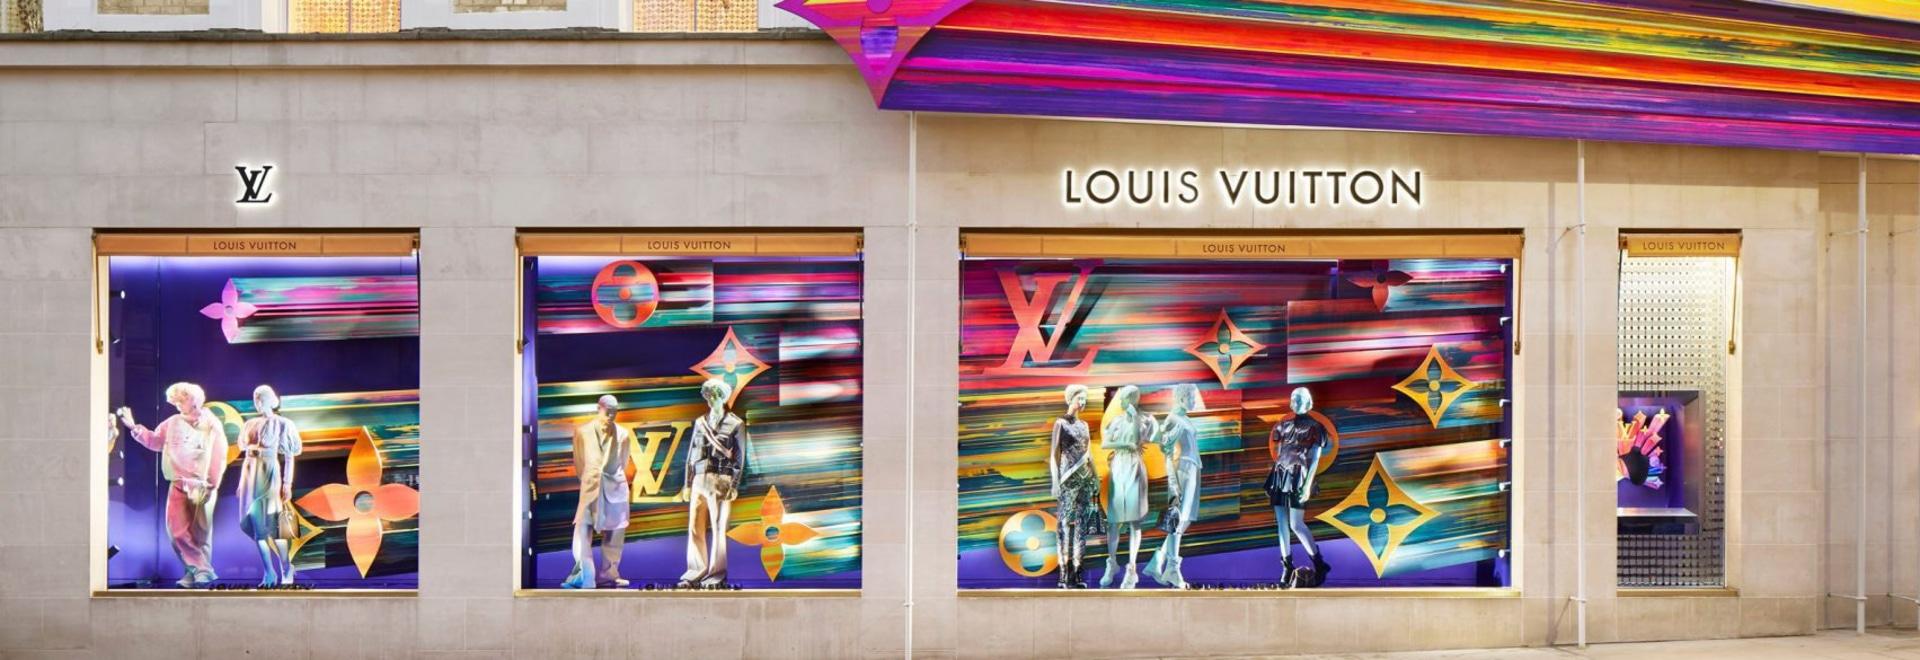 Peter Marino canaliza la felicidad para la renovación de la tienda Louis Vuitton en el oeste de Londres